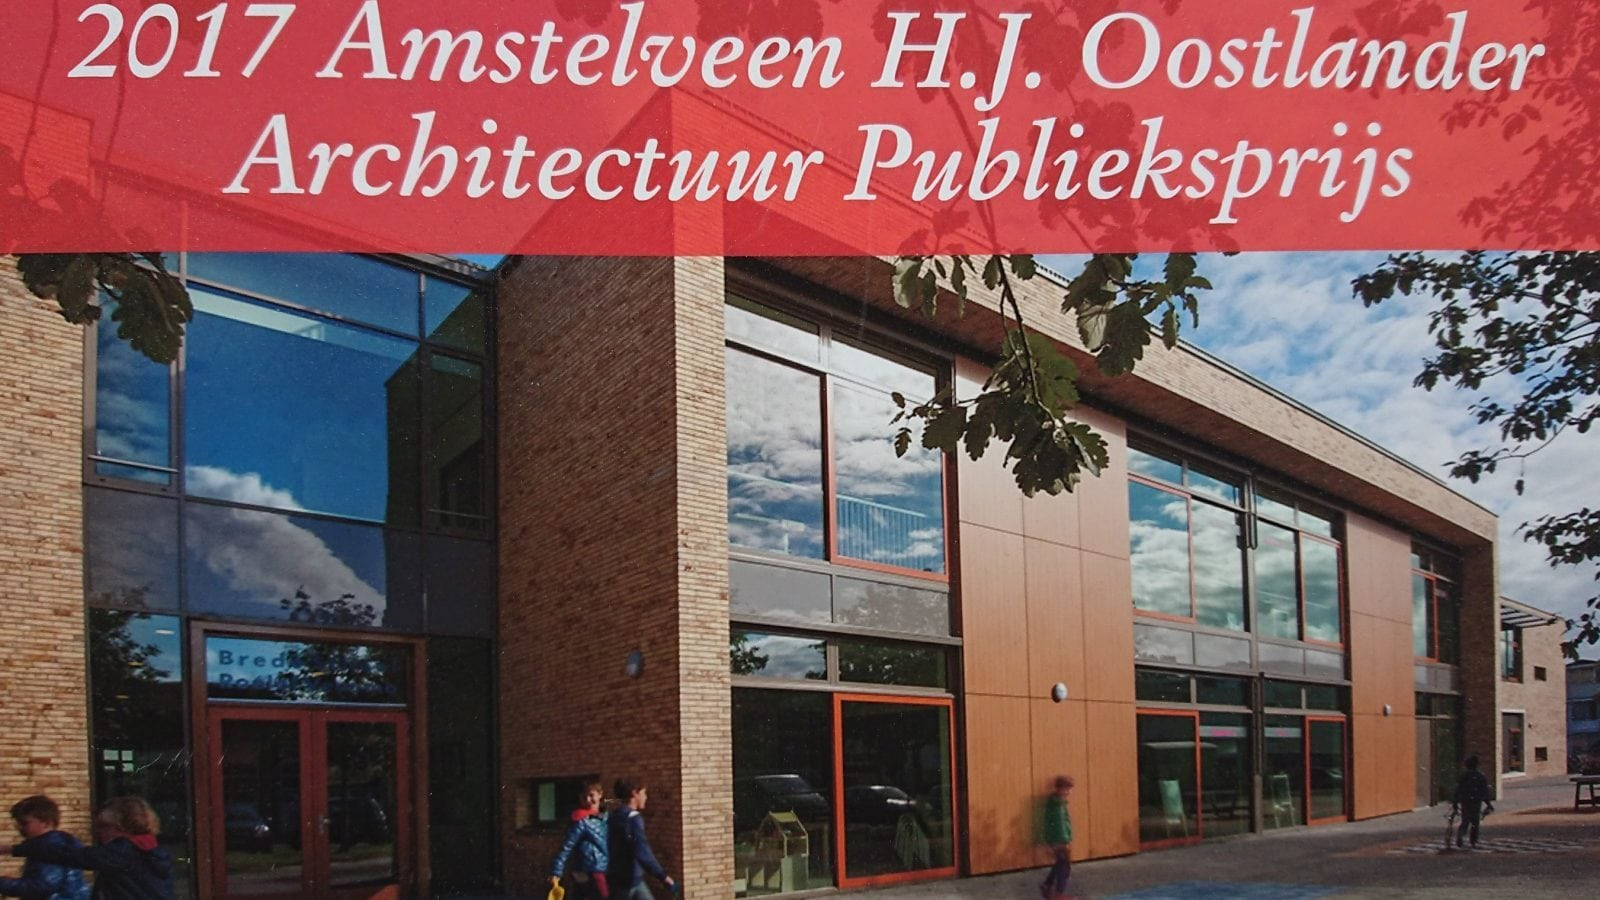 Cita wint Architectuur publieksprijs Amstelveen